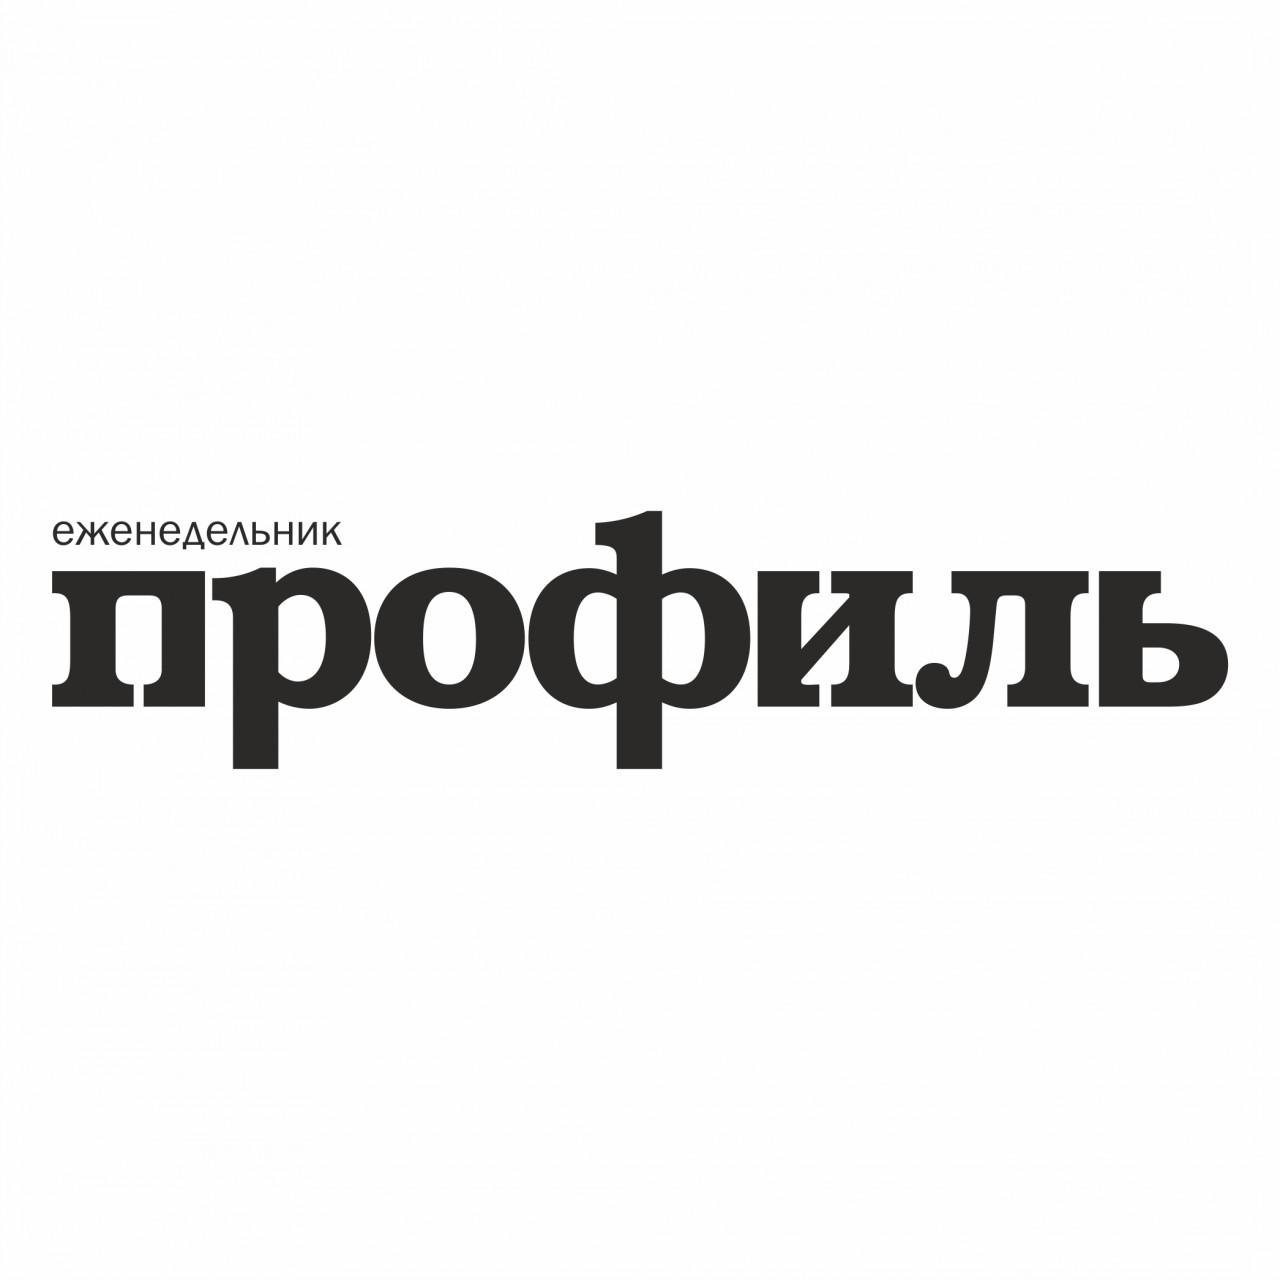 Собчак опередила Жириновского в некоторых районах Москвы